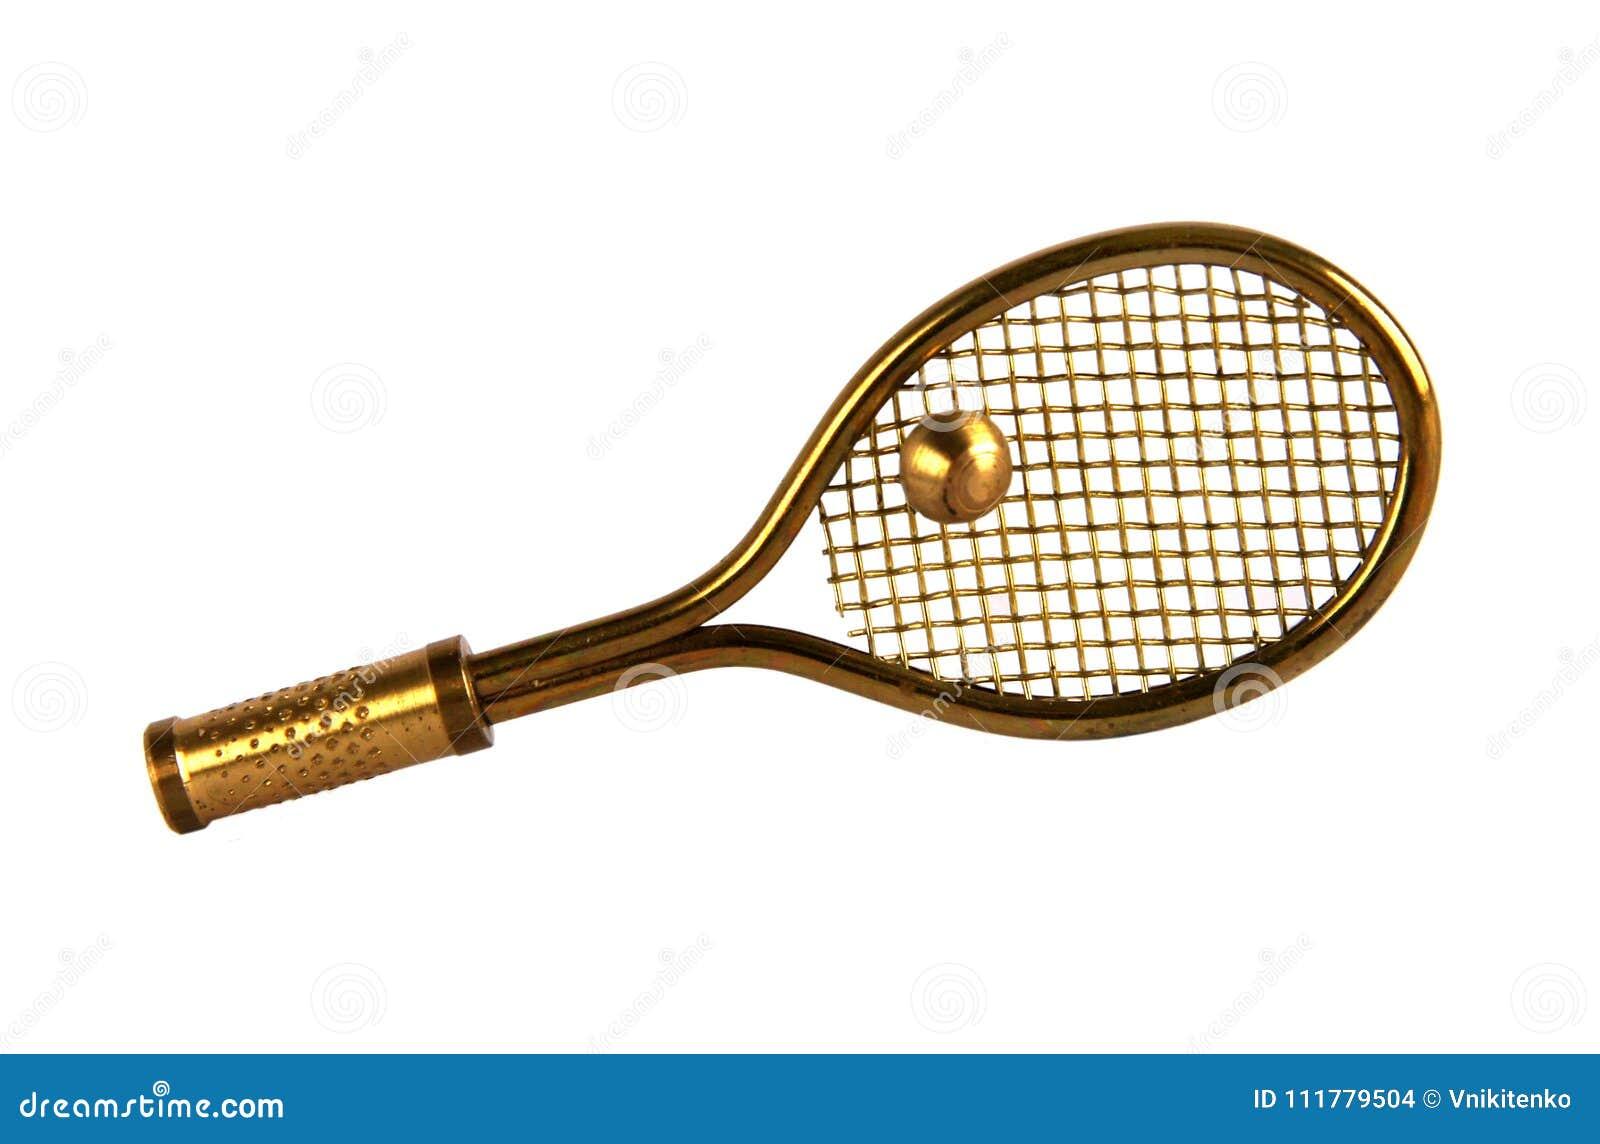 Brass tennis racket and ball